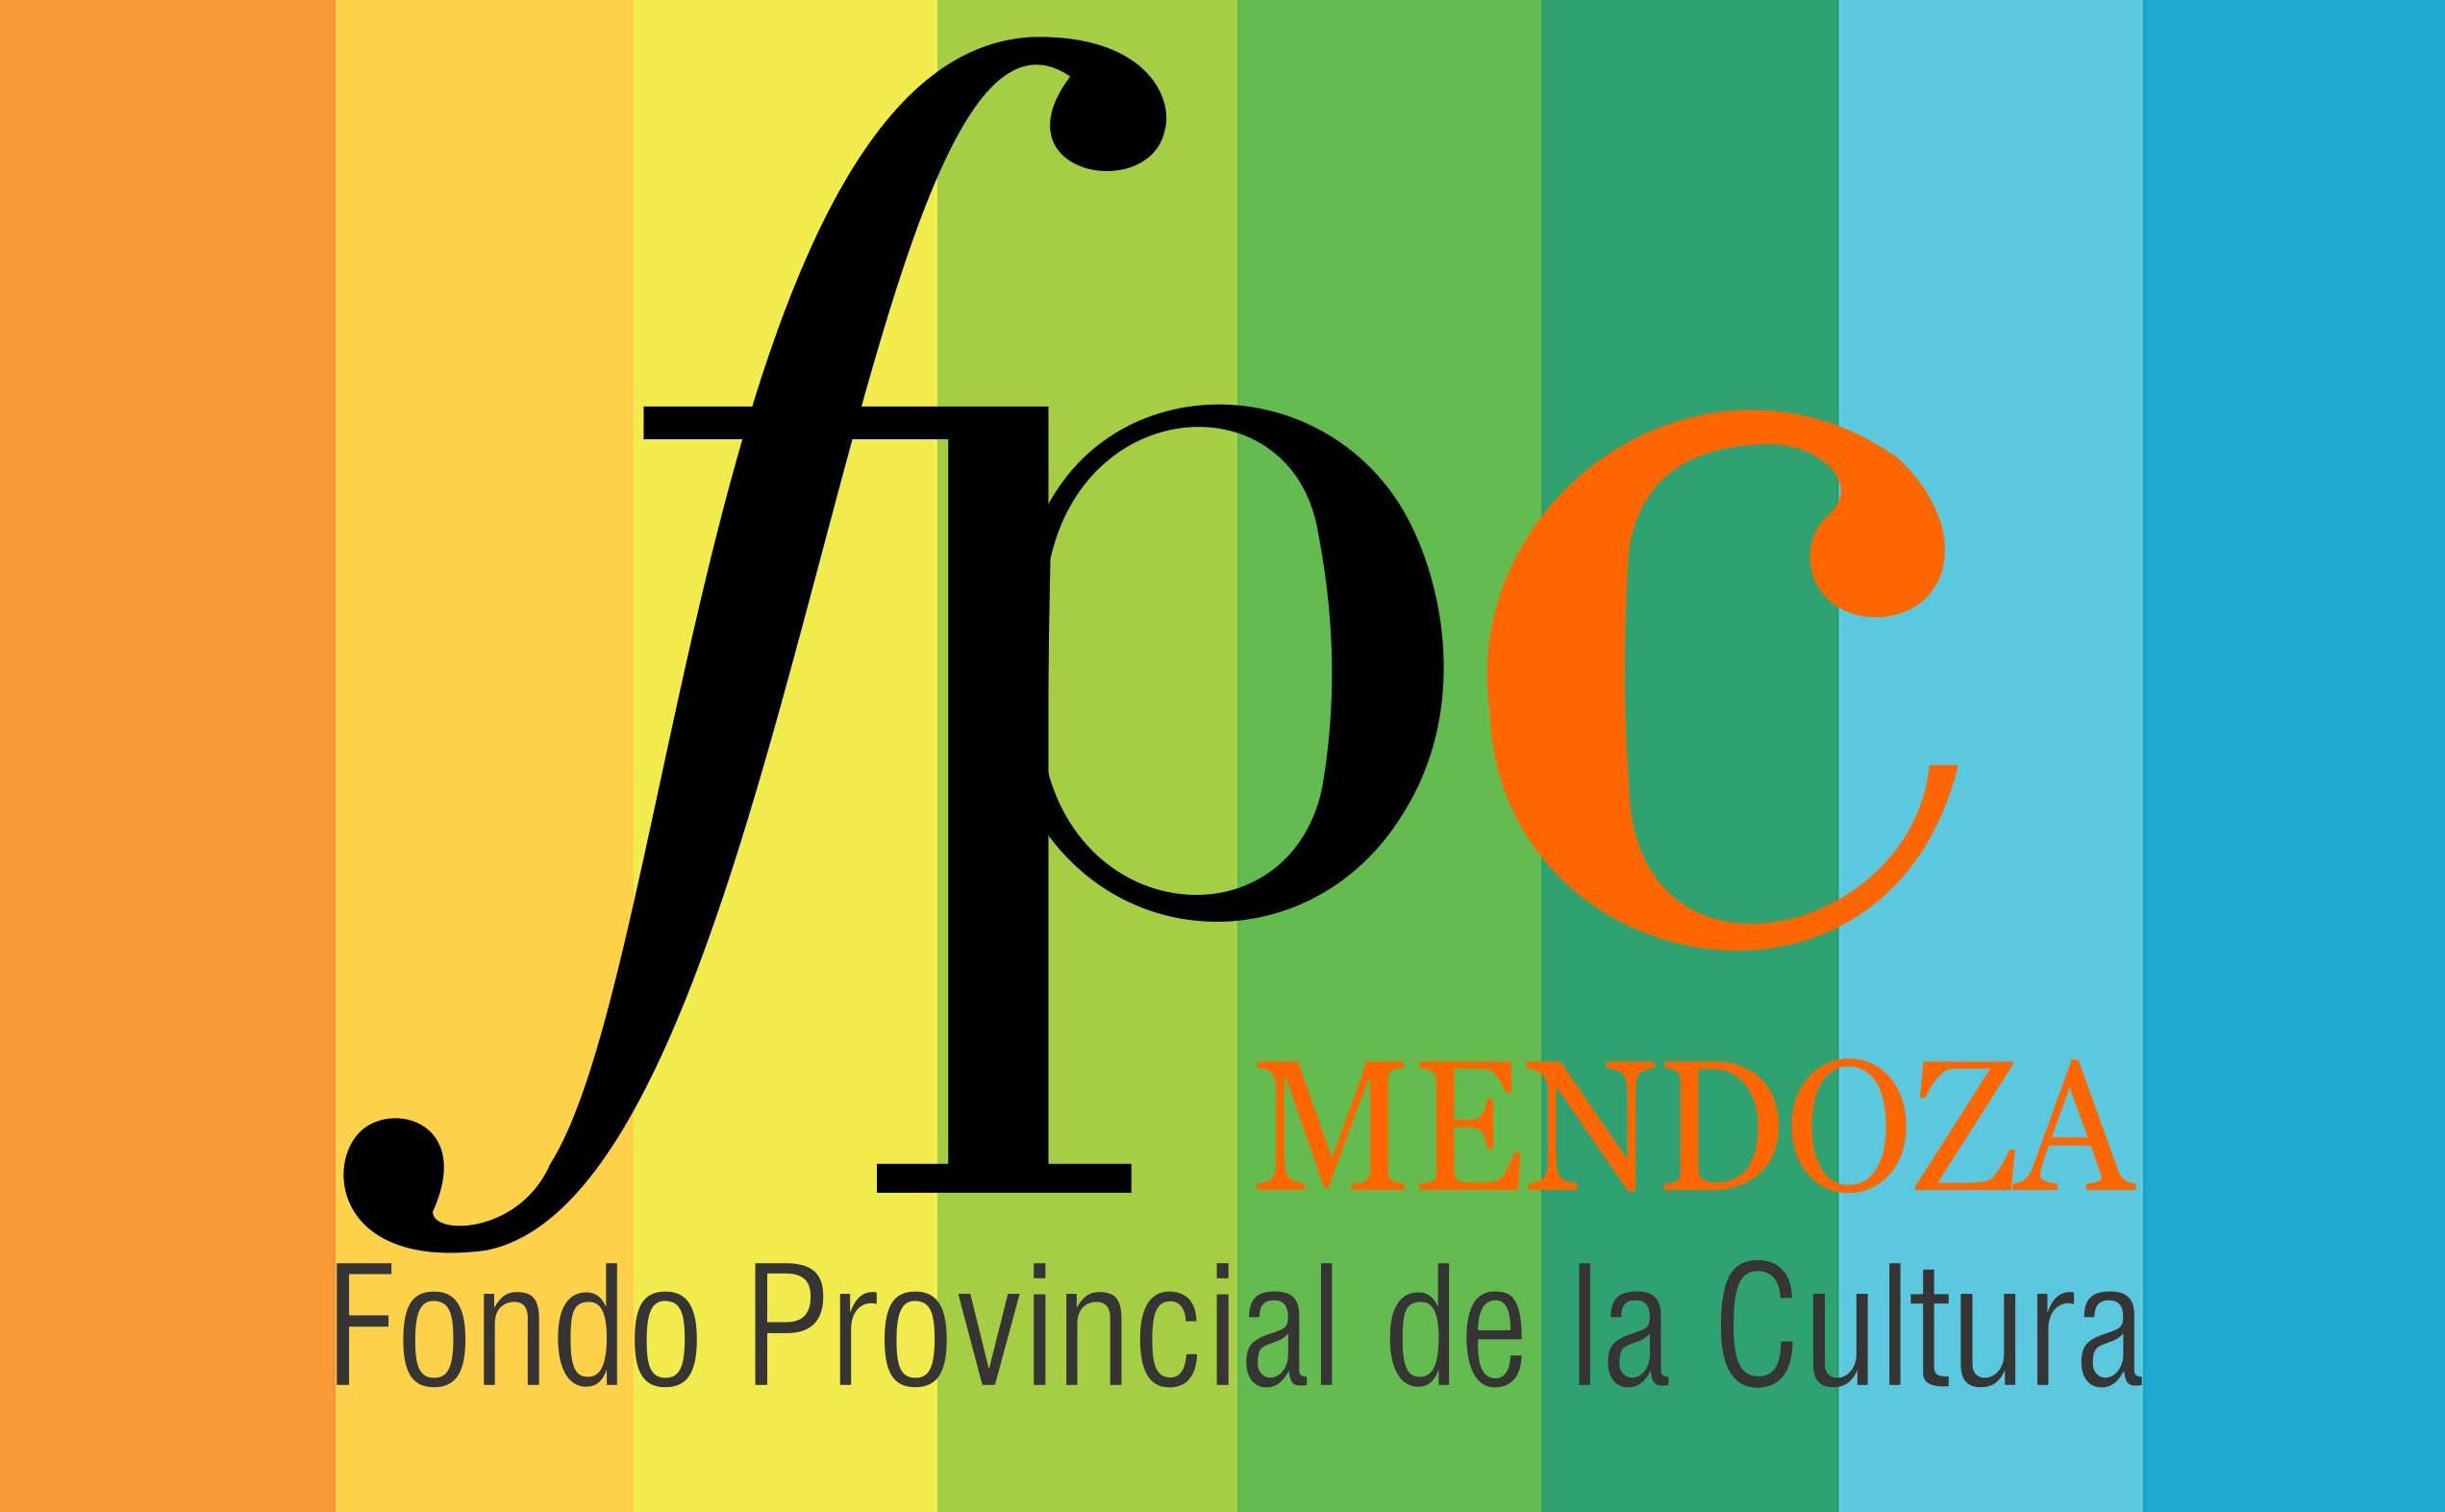 BANNER-FONDO-PROVINCIAL-DE-LA-CULTURA-WEB